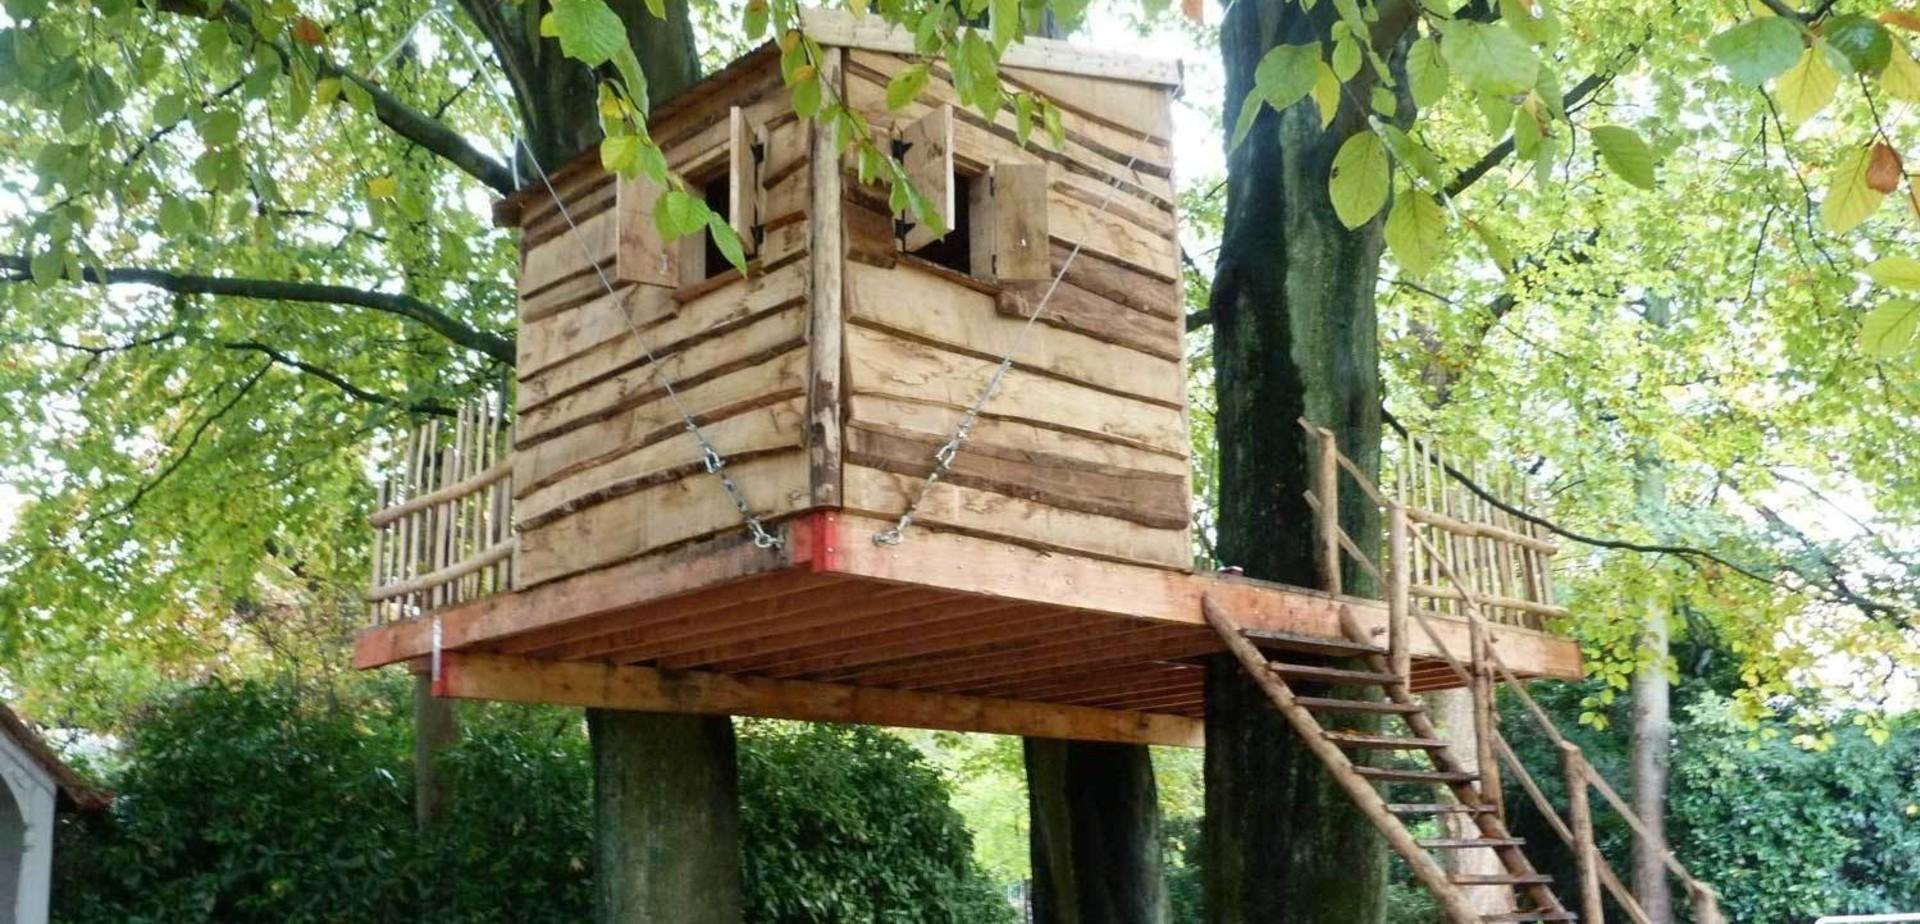 construisez votre propre cabane pour les makers